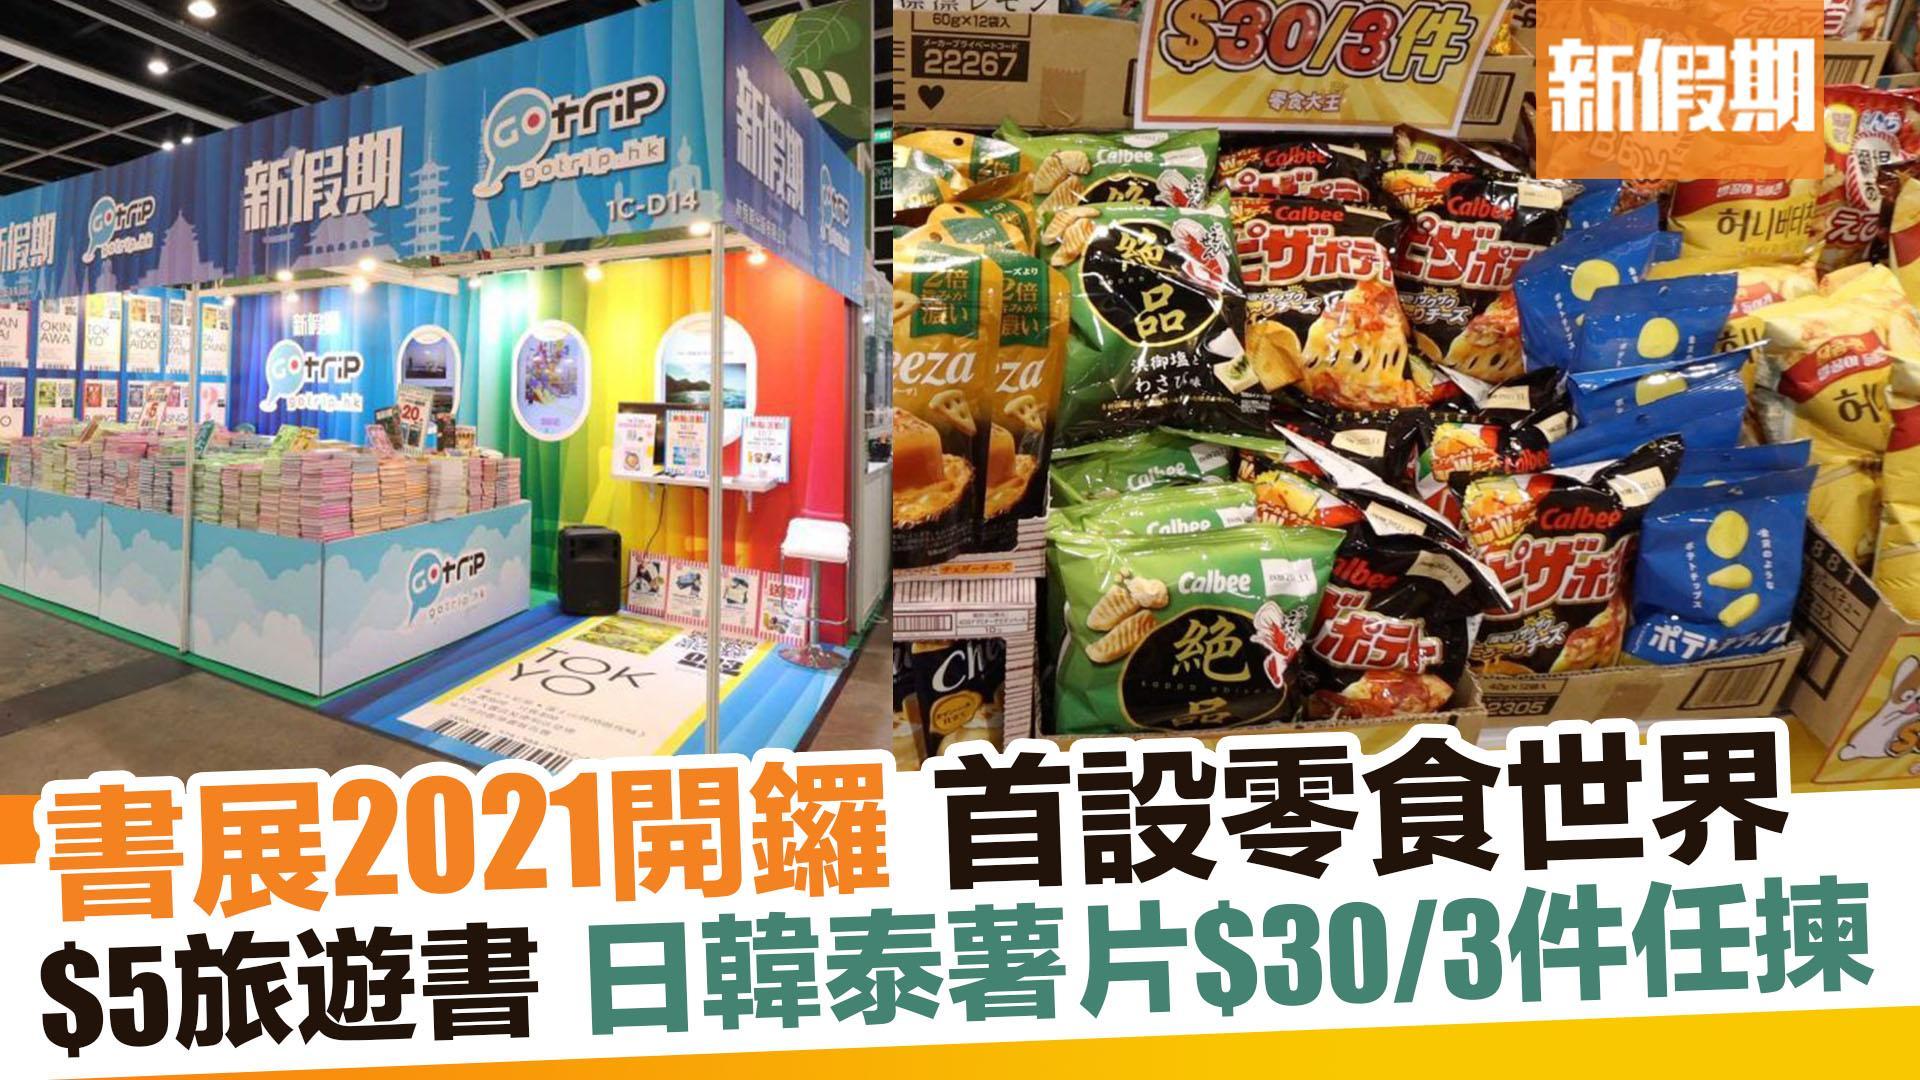 【書展2021】2大免費入場方法+一票3展覽! 新假期